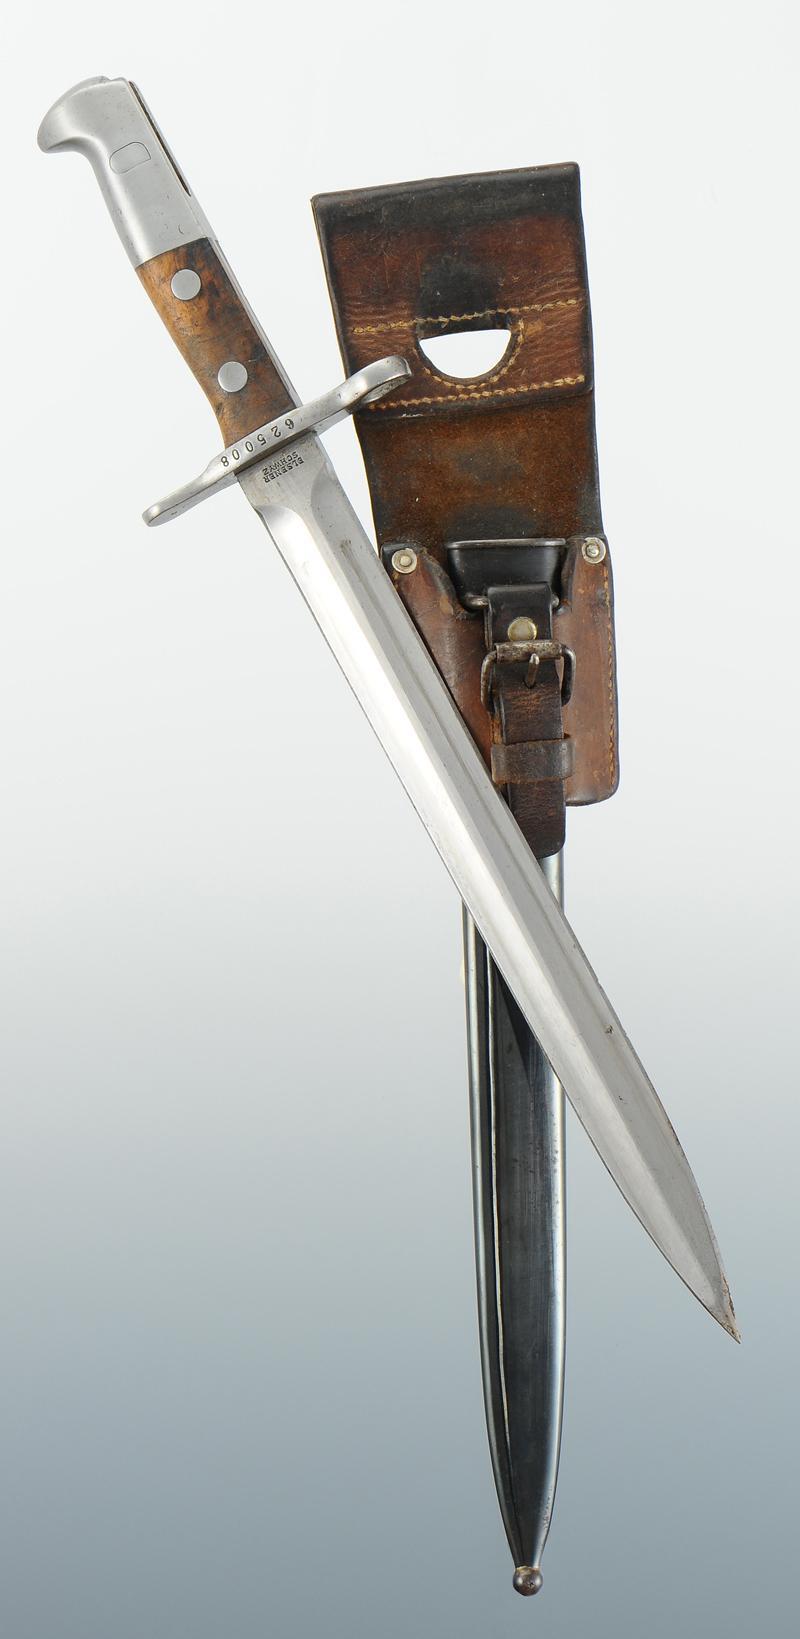 baionnette du fusil suisse schmidt rubin mod le 1889 mod le 1889. Black Bedroom Furniture Sets. Home Design Ideas